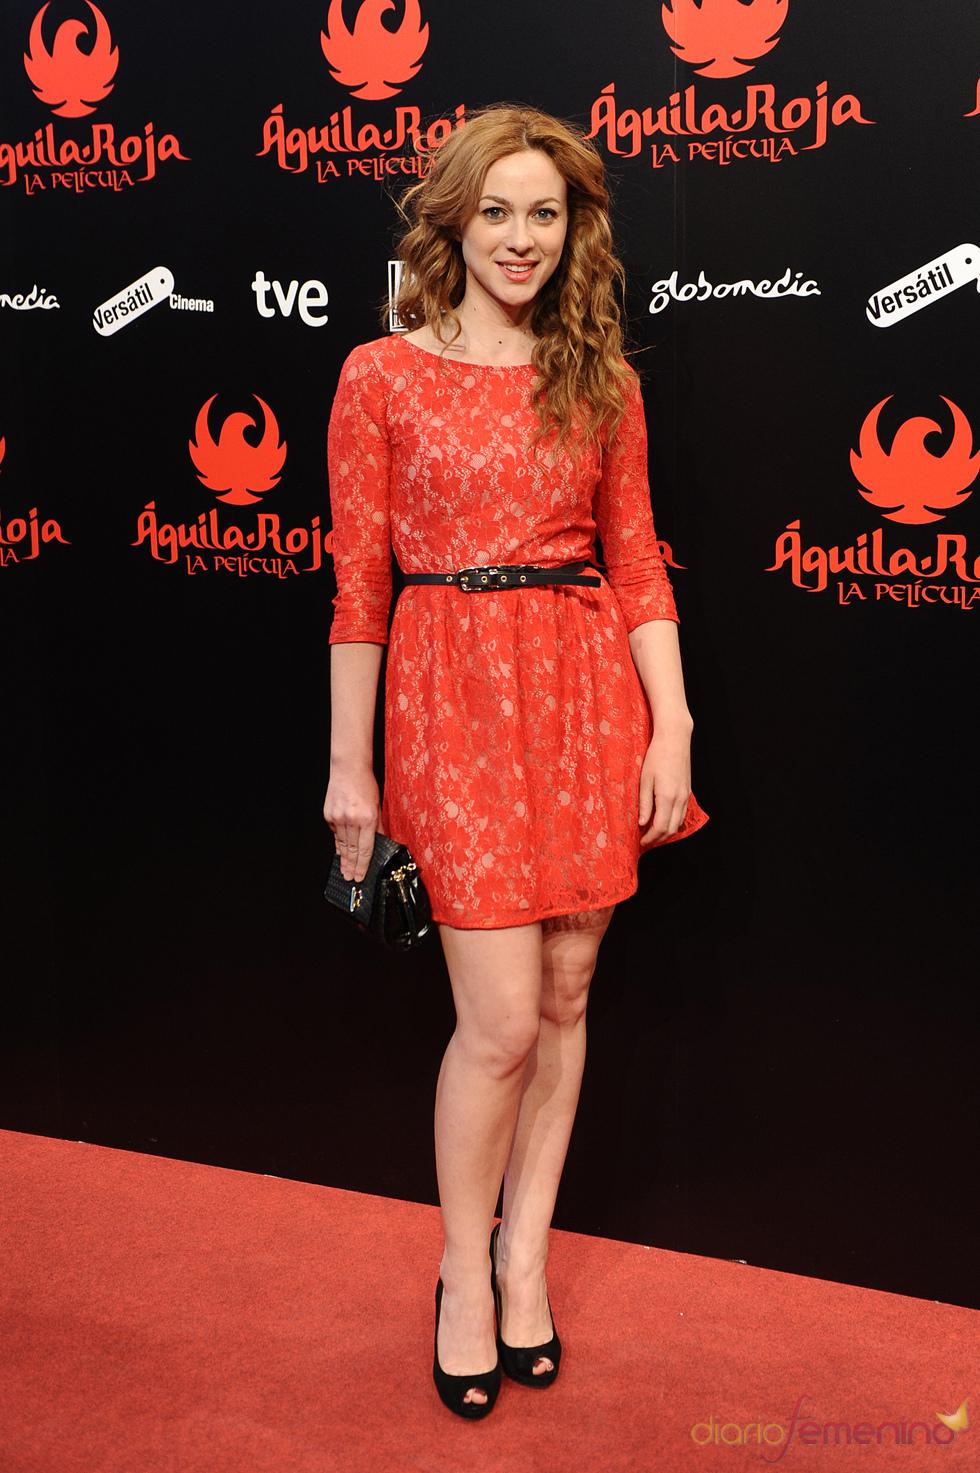 Marta Hazas en la premiere de 'Águila Roja'